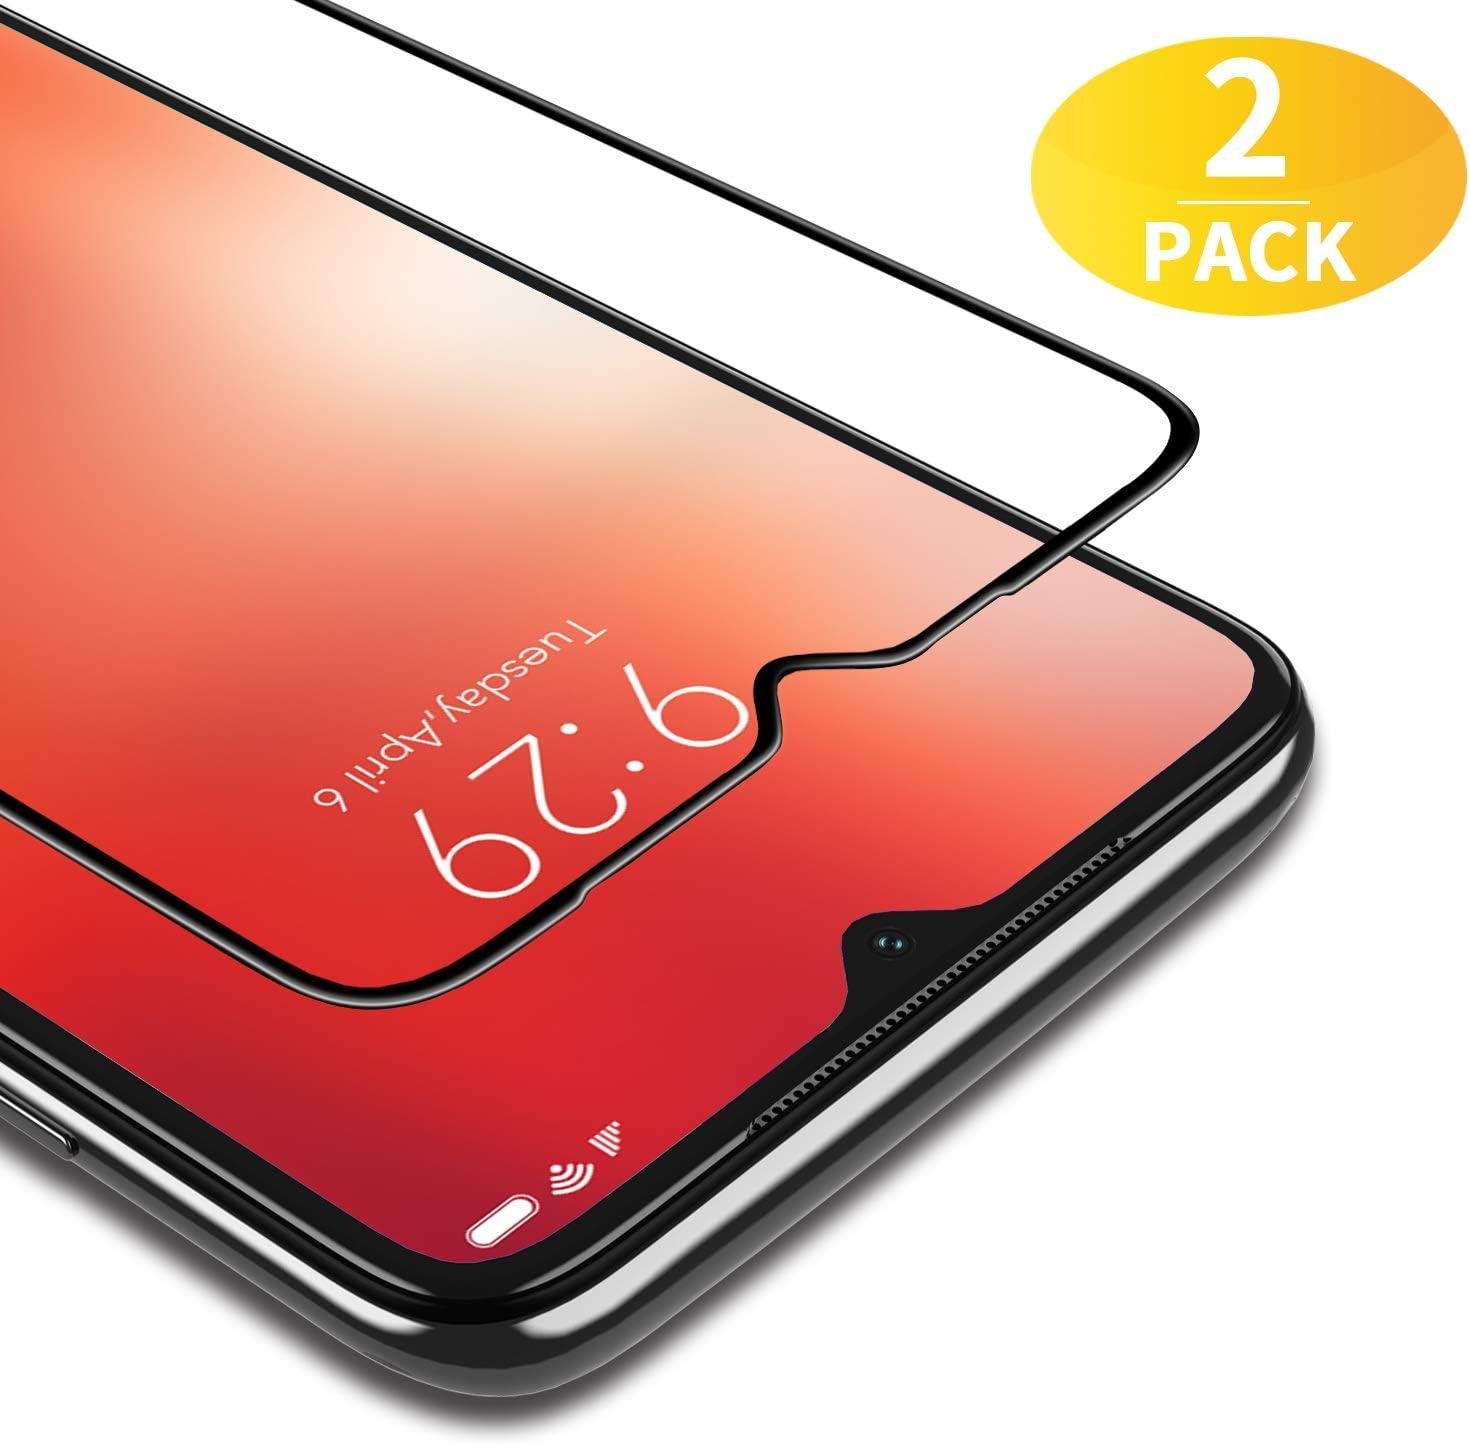 BANNIO Protector de Pantalla Xiaomi Redmi Note 8,2 Unidades Cobertura Completa Cristal Templado para Xiaomi Redmi Note 8 con Kit de Instalación,9H Dureza,Sin Burbujas,Negro